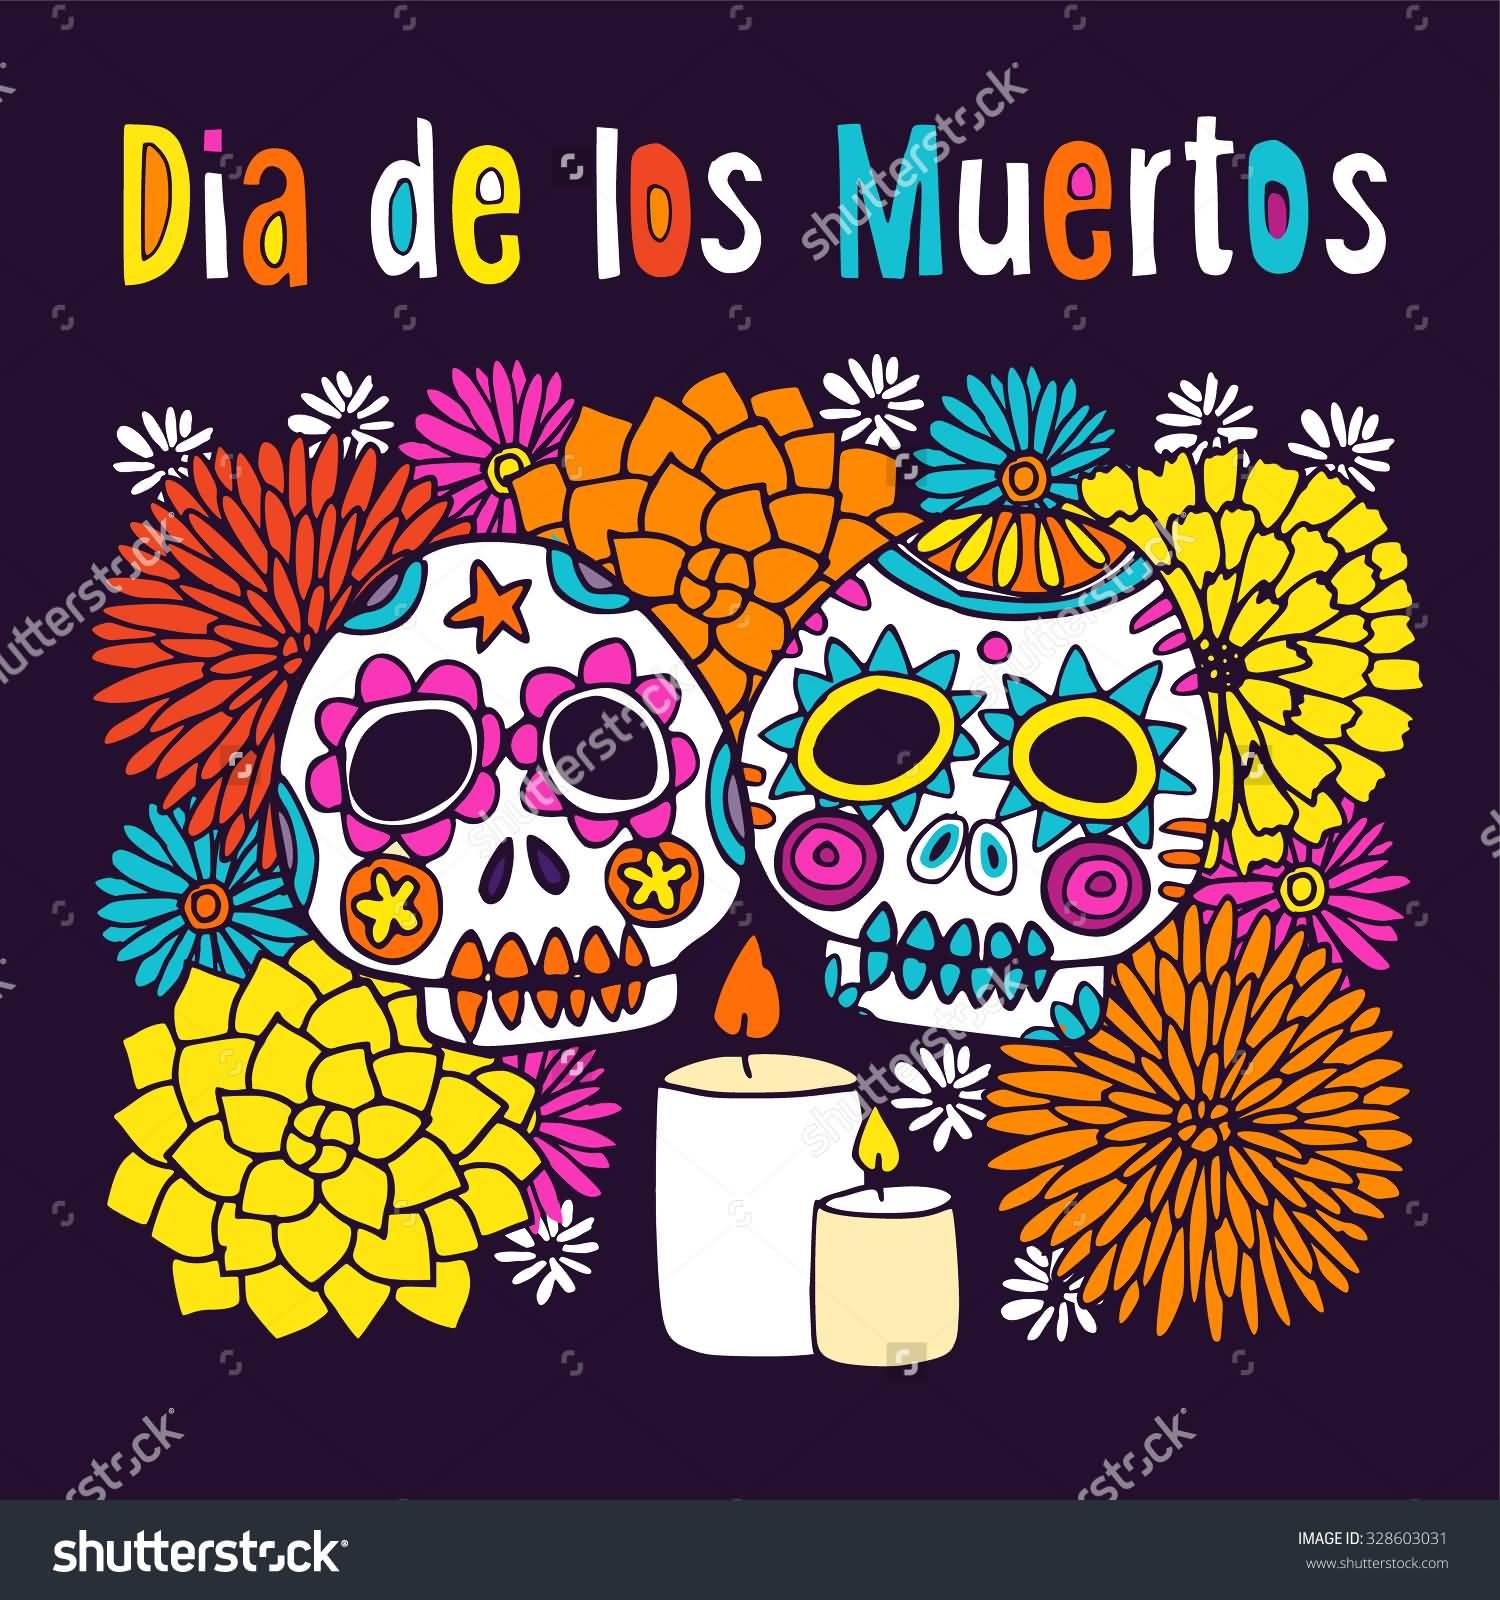 Dia de los Muertos Colorful Sugar Skulls Clipart.